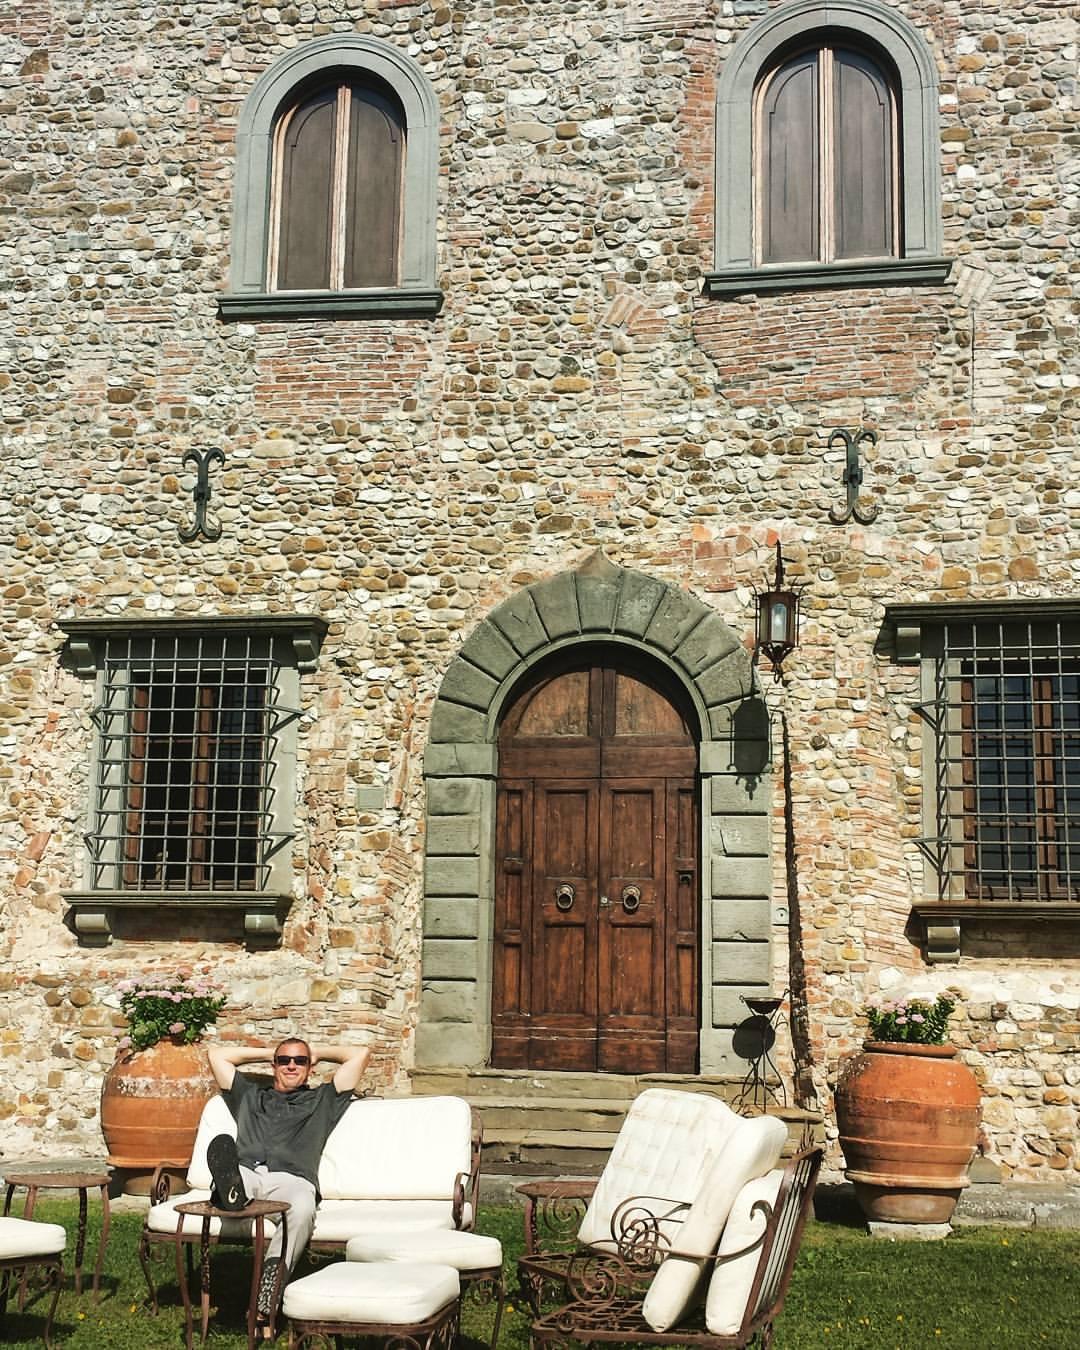 Castello-di-bibbione-tuscany-mik